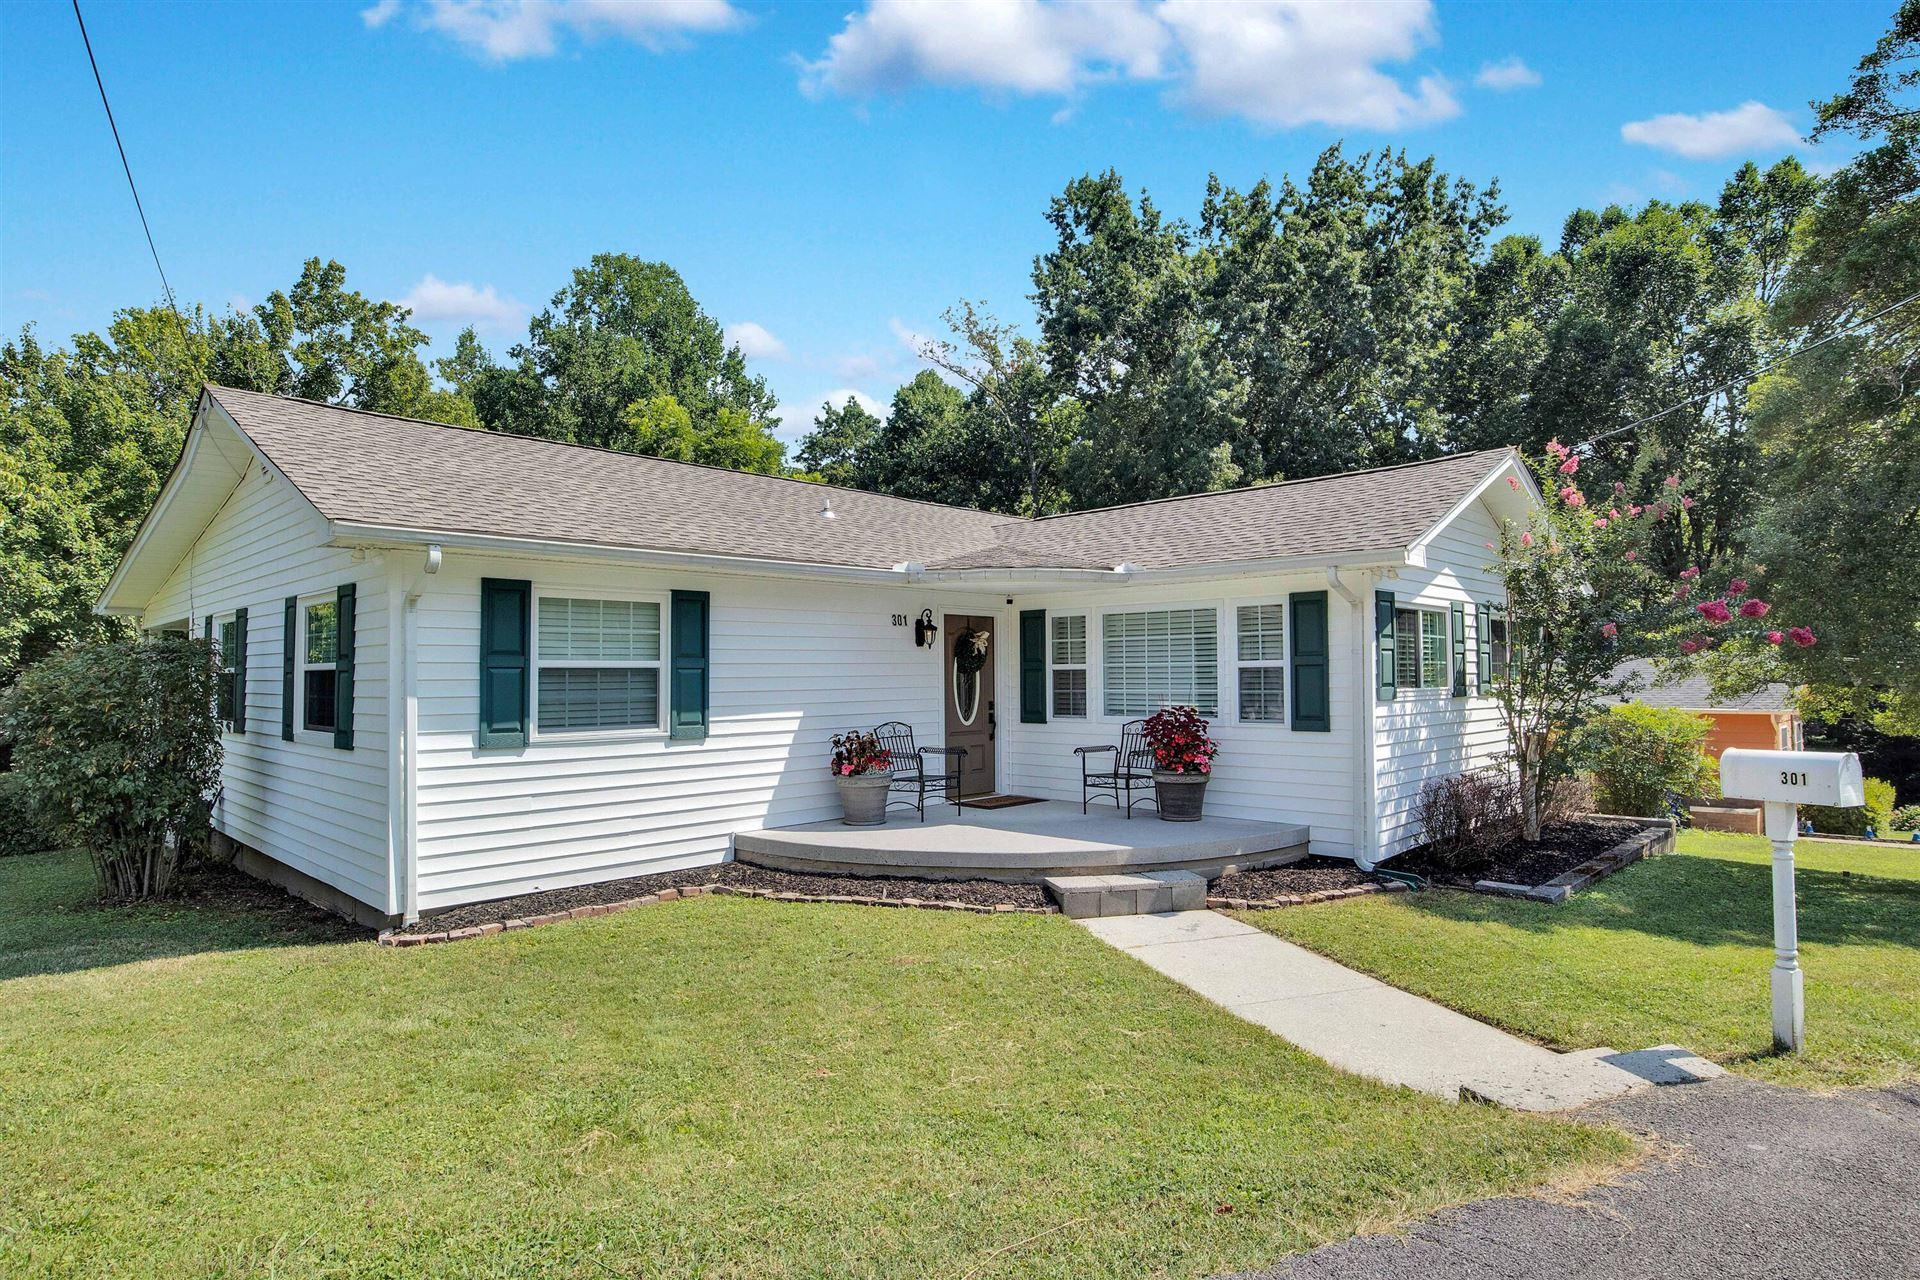 Photo of 301 W Forest Lane, Oak Ridge, TN 37830 (MLS # 1162060)